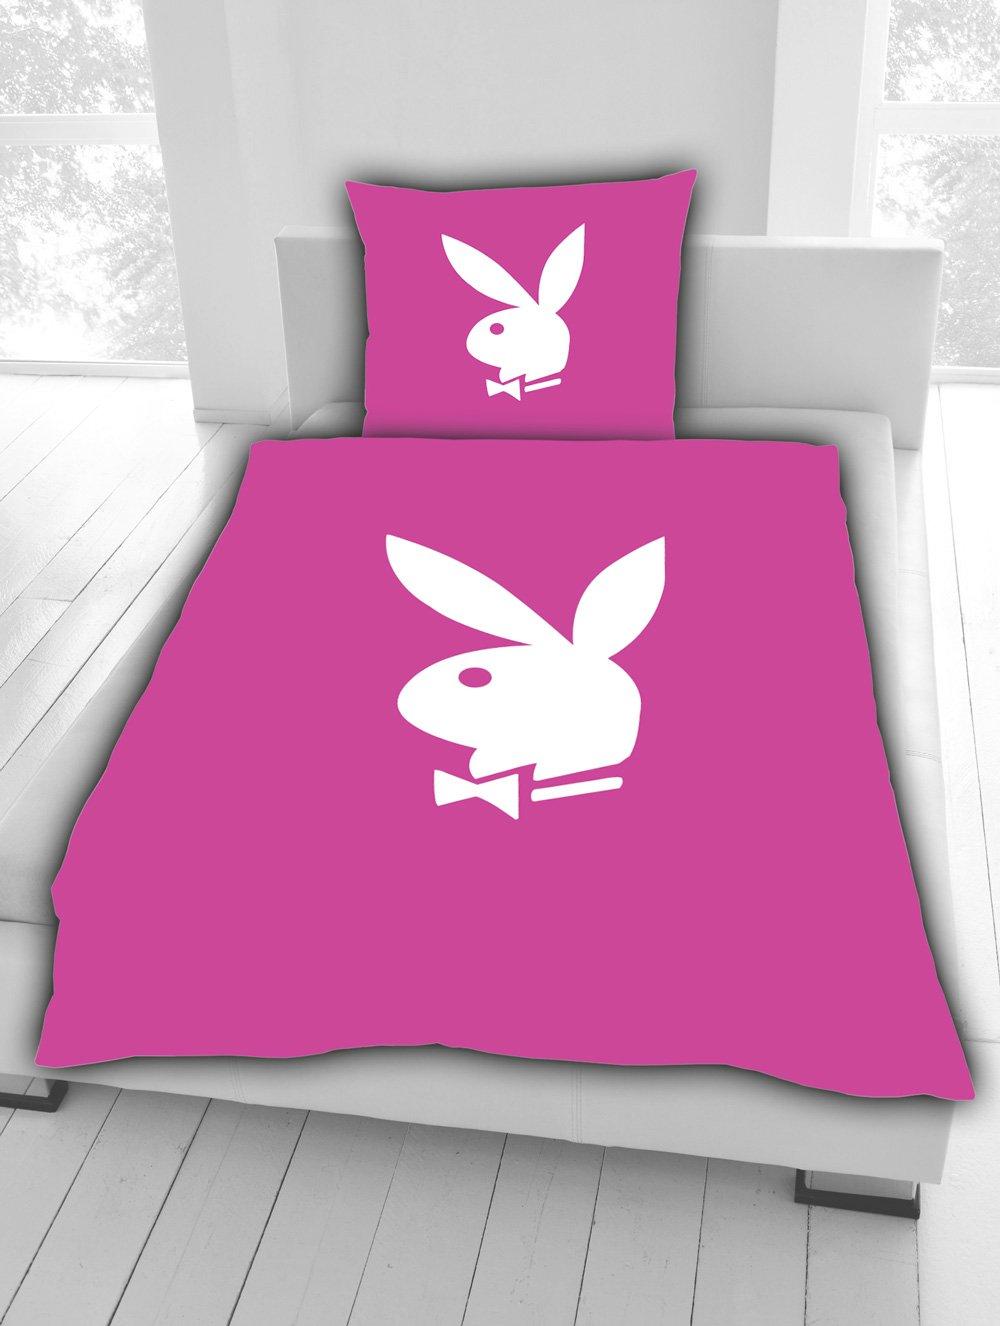 Bettwäschebettwäschegarniturbettüberzug Original Playboy Fbpink